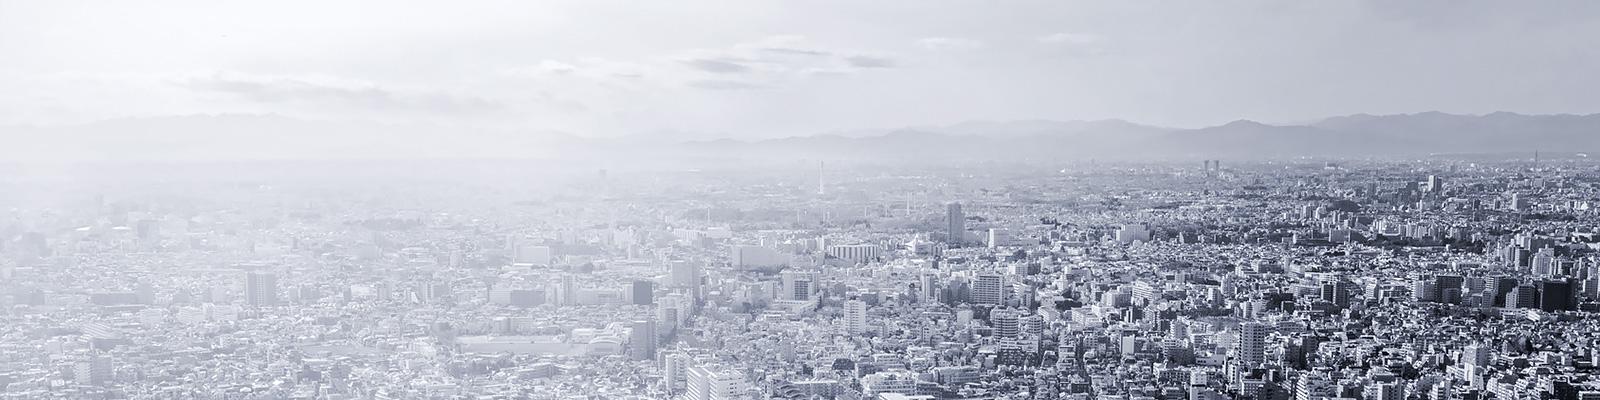 日本 都市 ネットワーク イメージ